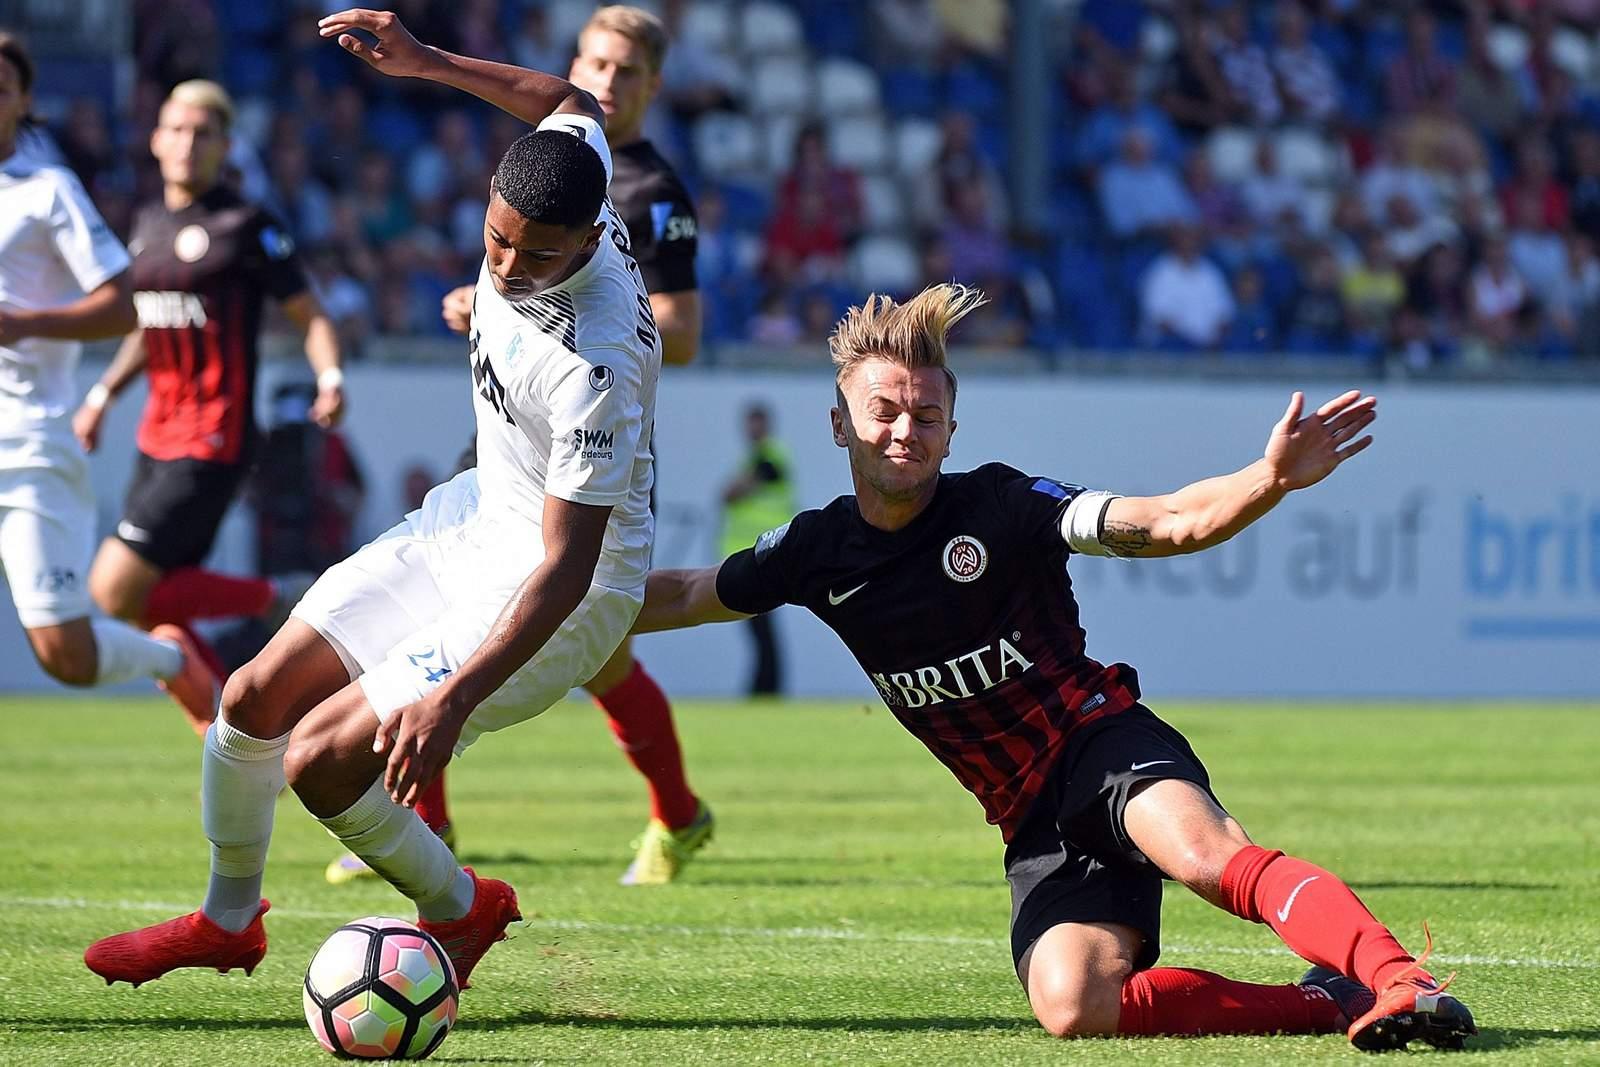 David Blacha vom SV Wehen Wiesbaden gegen Tarek Chahed vom 1. FC Magdeburg